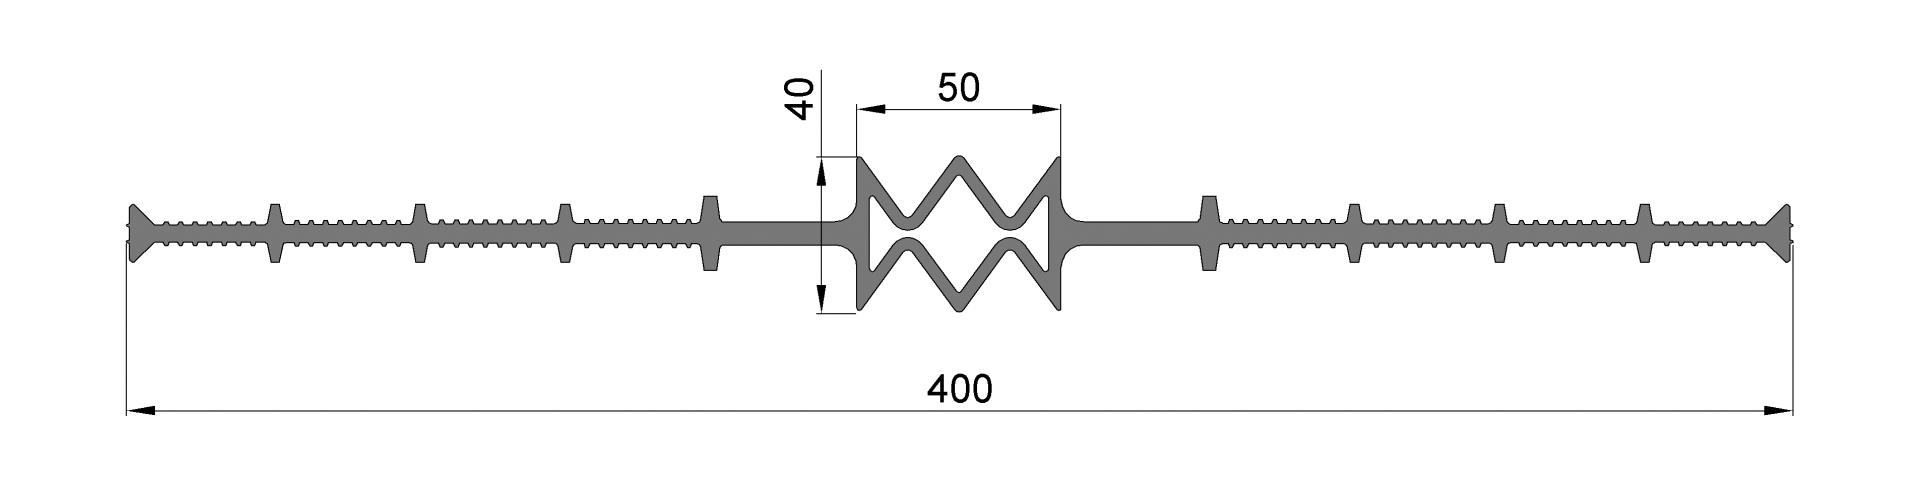 Гидрошпонка ЦД-400-50, ПВХ, шов 50 мм